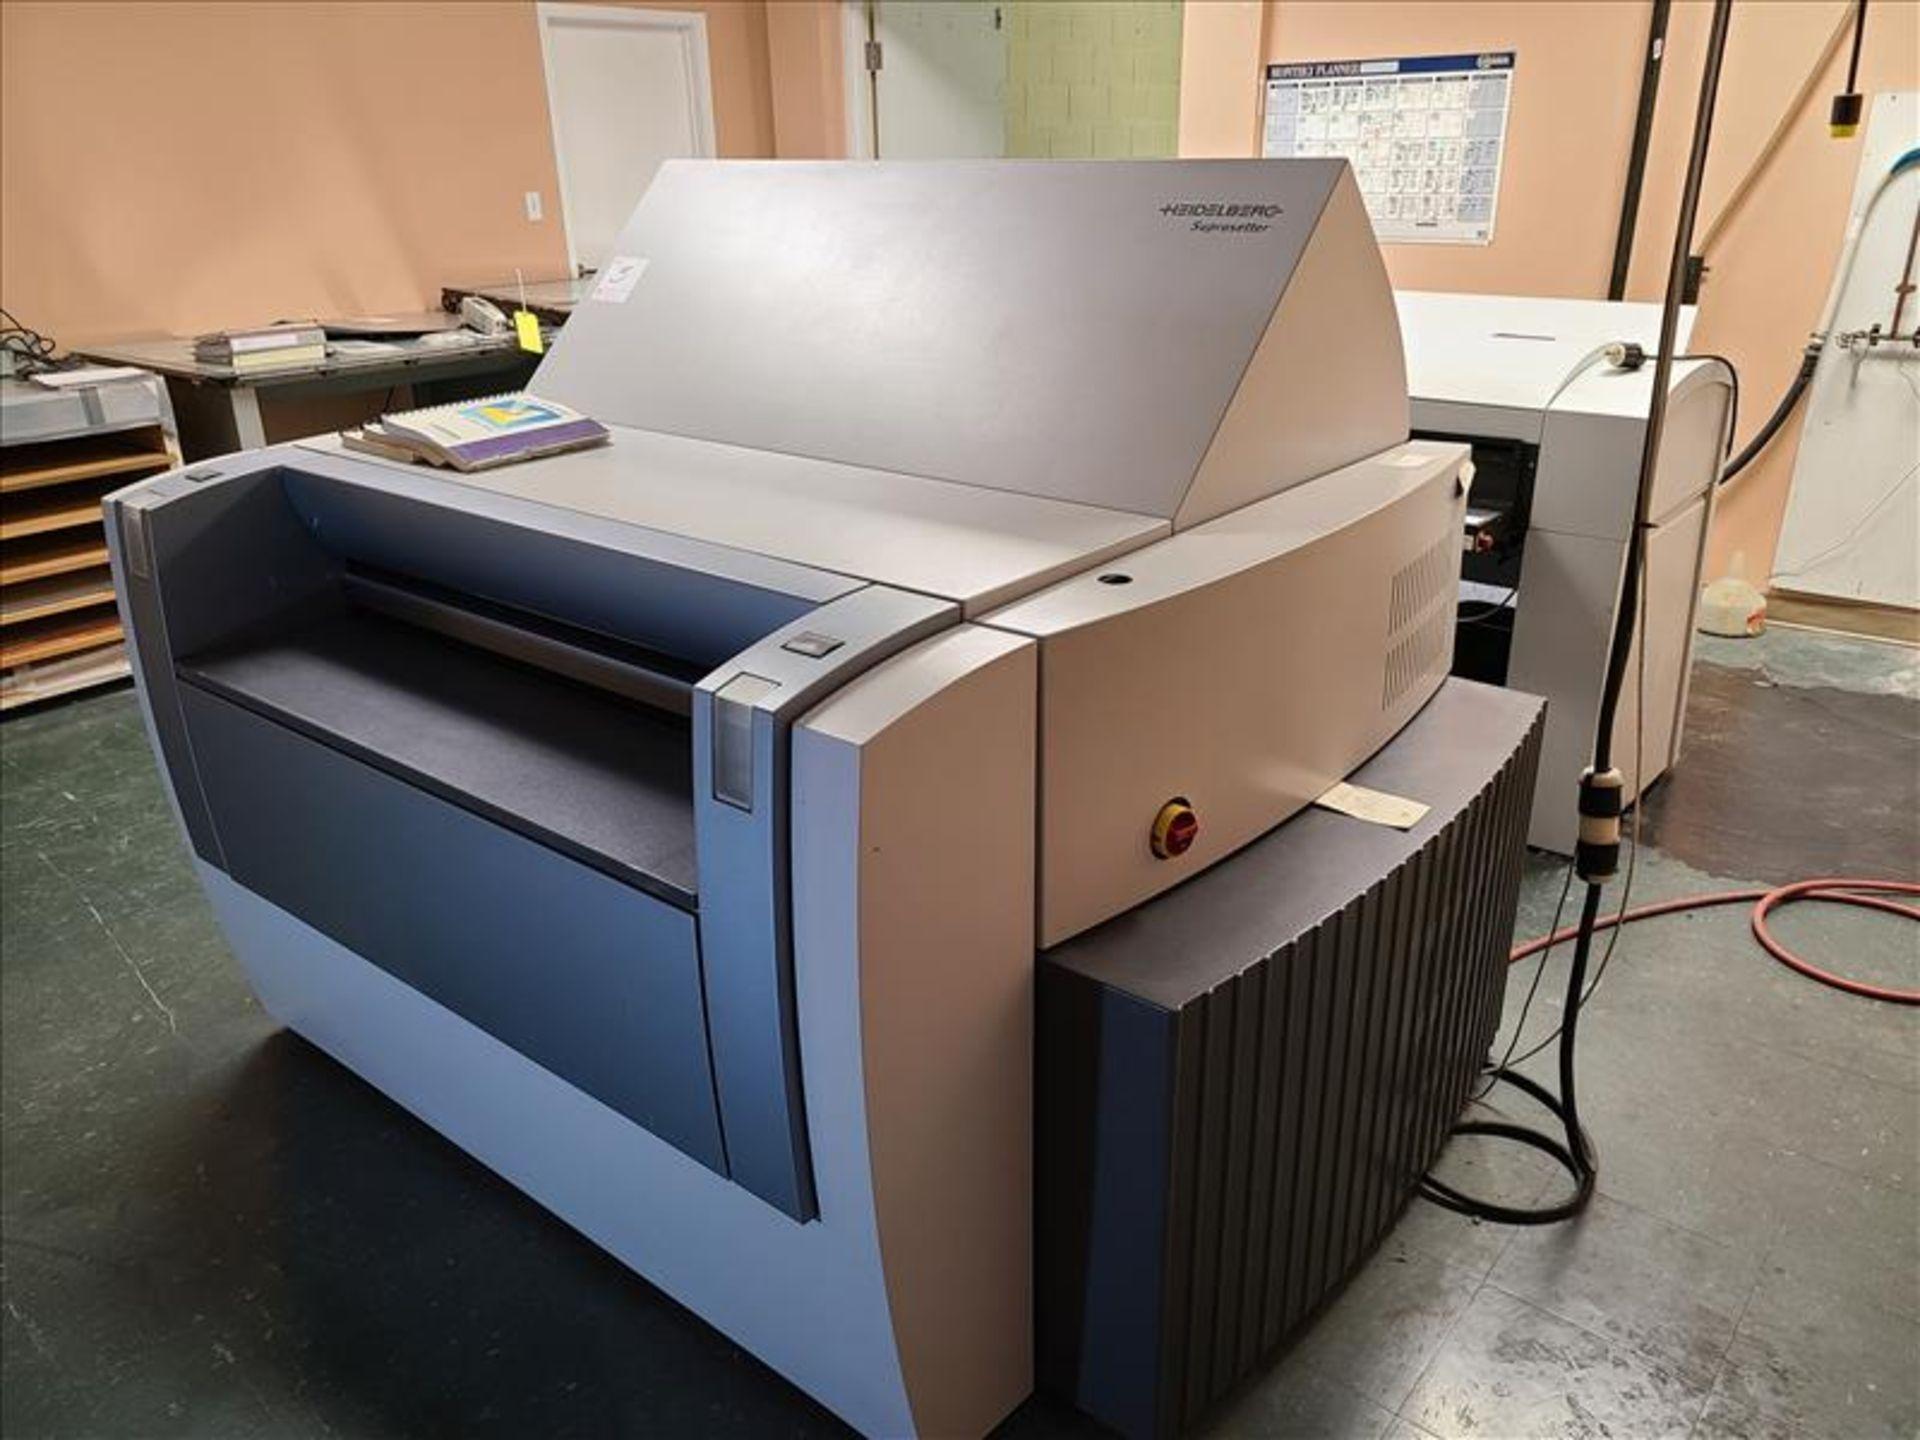 Heidelberg Plate Setter w/auto plate loading, model Suprasetter 105, S/N. PL00052 (2005) 200-240V, - Image 2 of 8